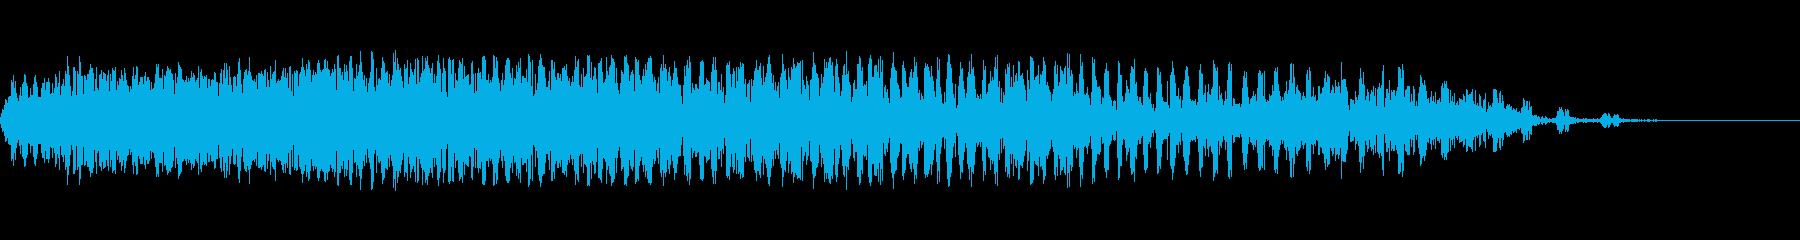 放電スワイプ2の再生済みの波形